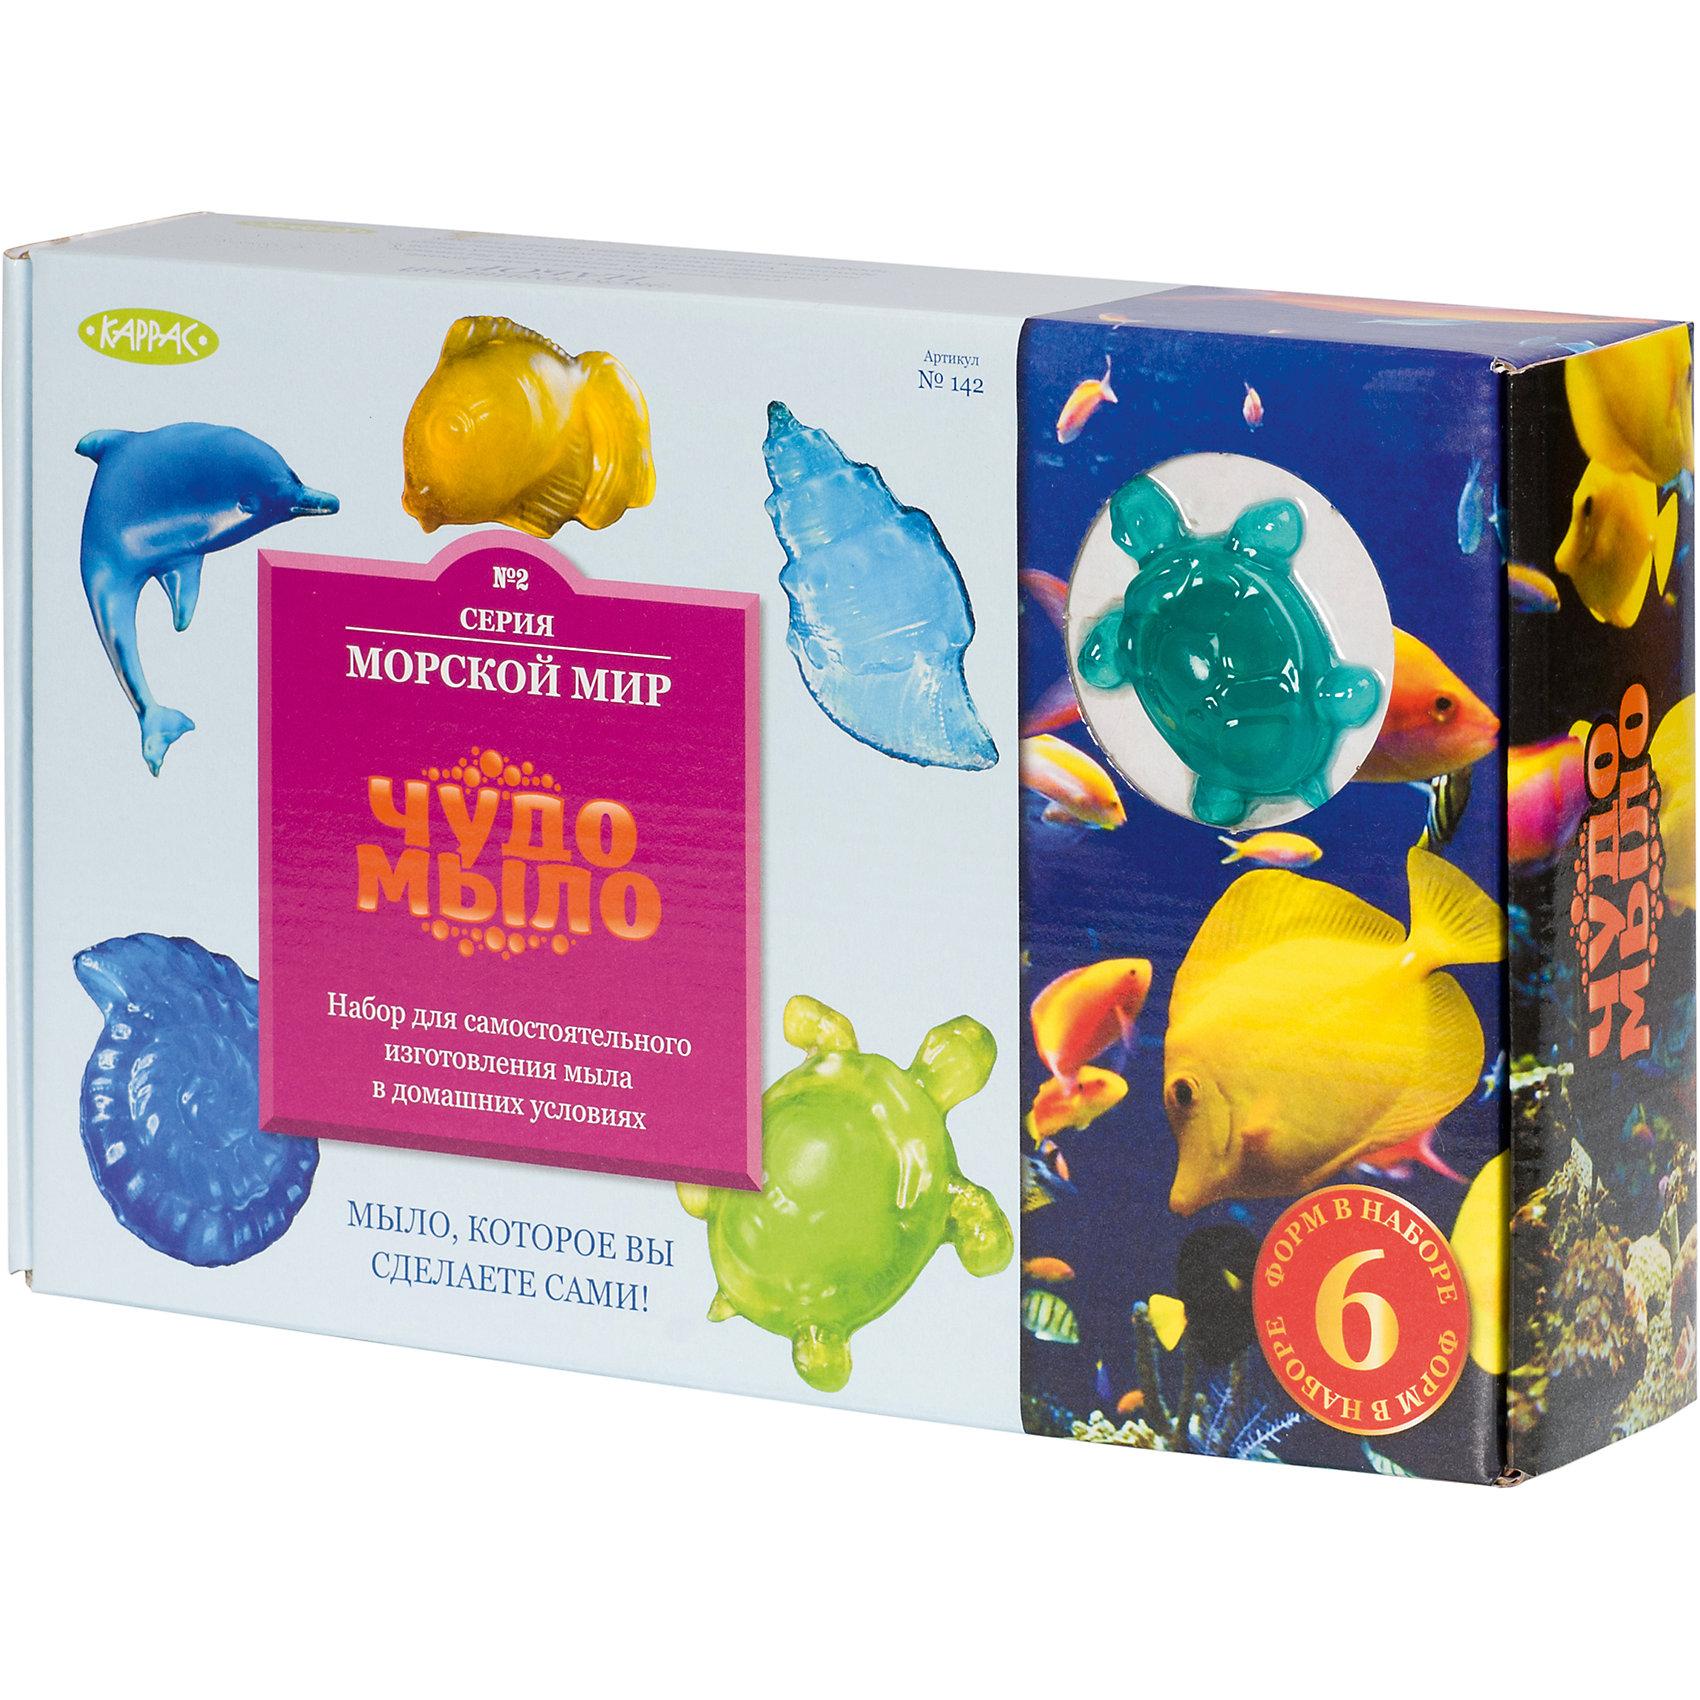 Каррас Чудо-Мыло Морской мир  (большой набор) набор для изготовления мыла морской мир